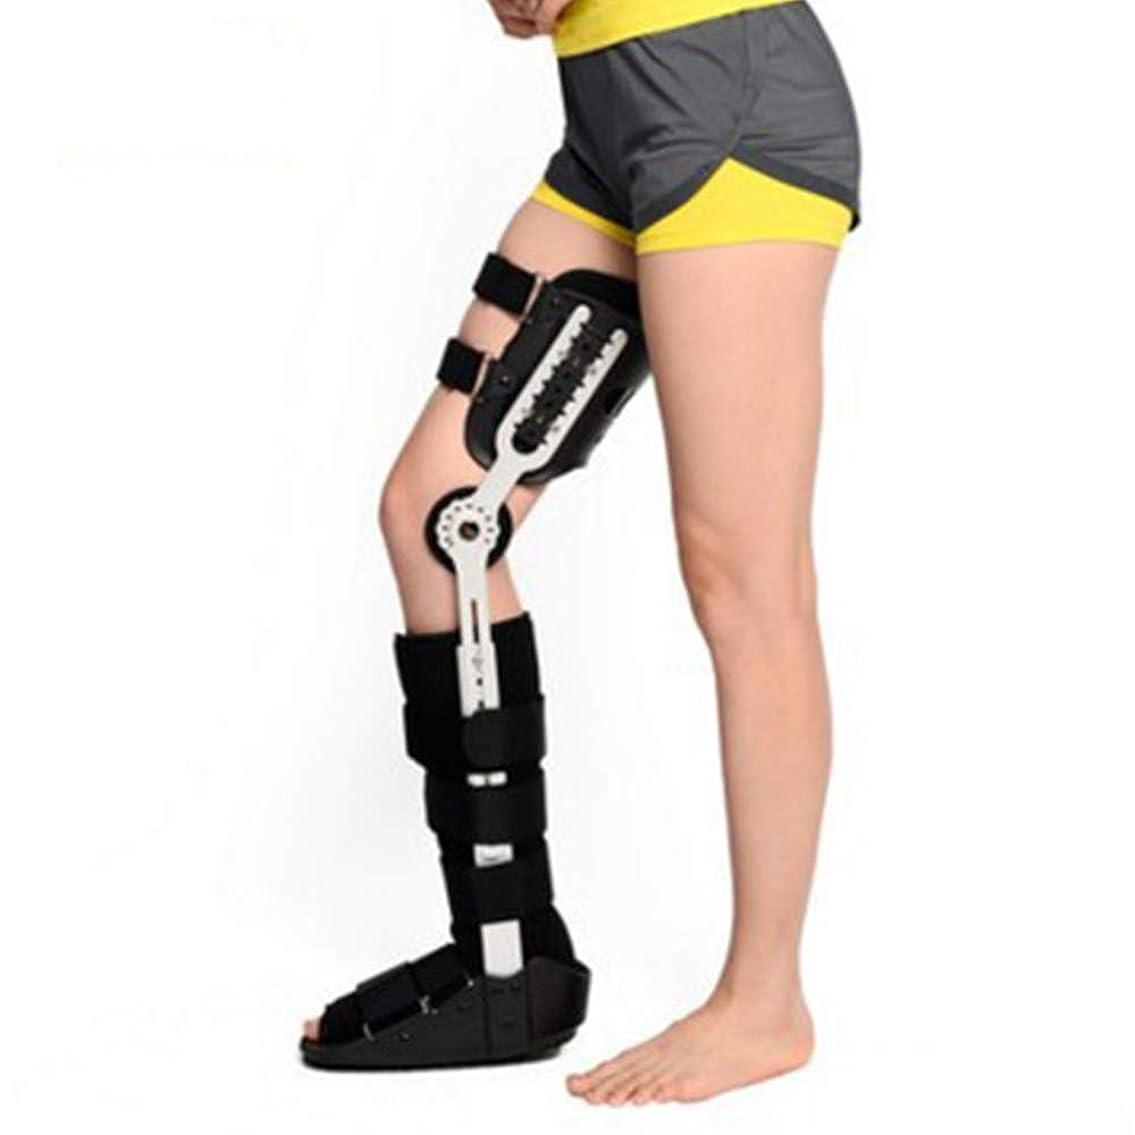 ストレンジャーチェスをする恐ろしい調節可能な膝 - 足首 - 足用装具、大腿膝関節ふくらはぎ足首固定ステント、骨折支援リハビリテーション